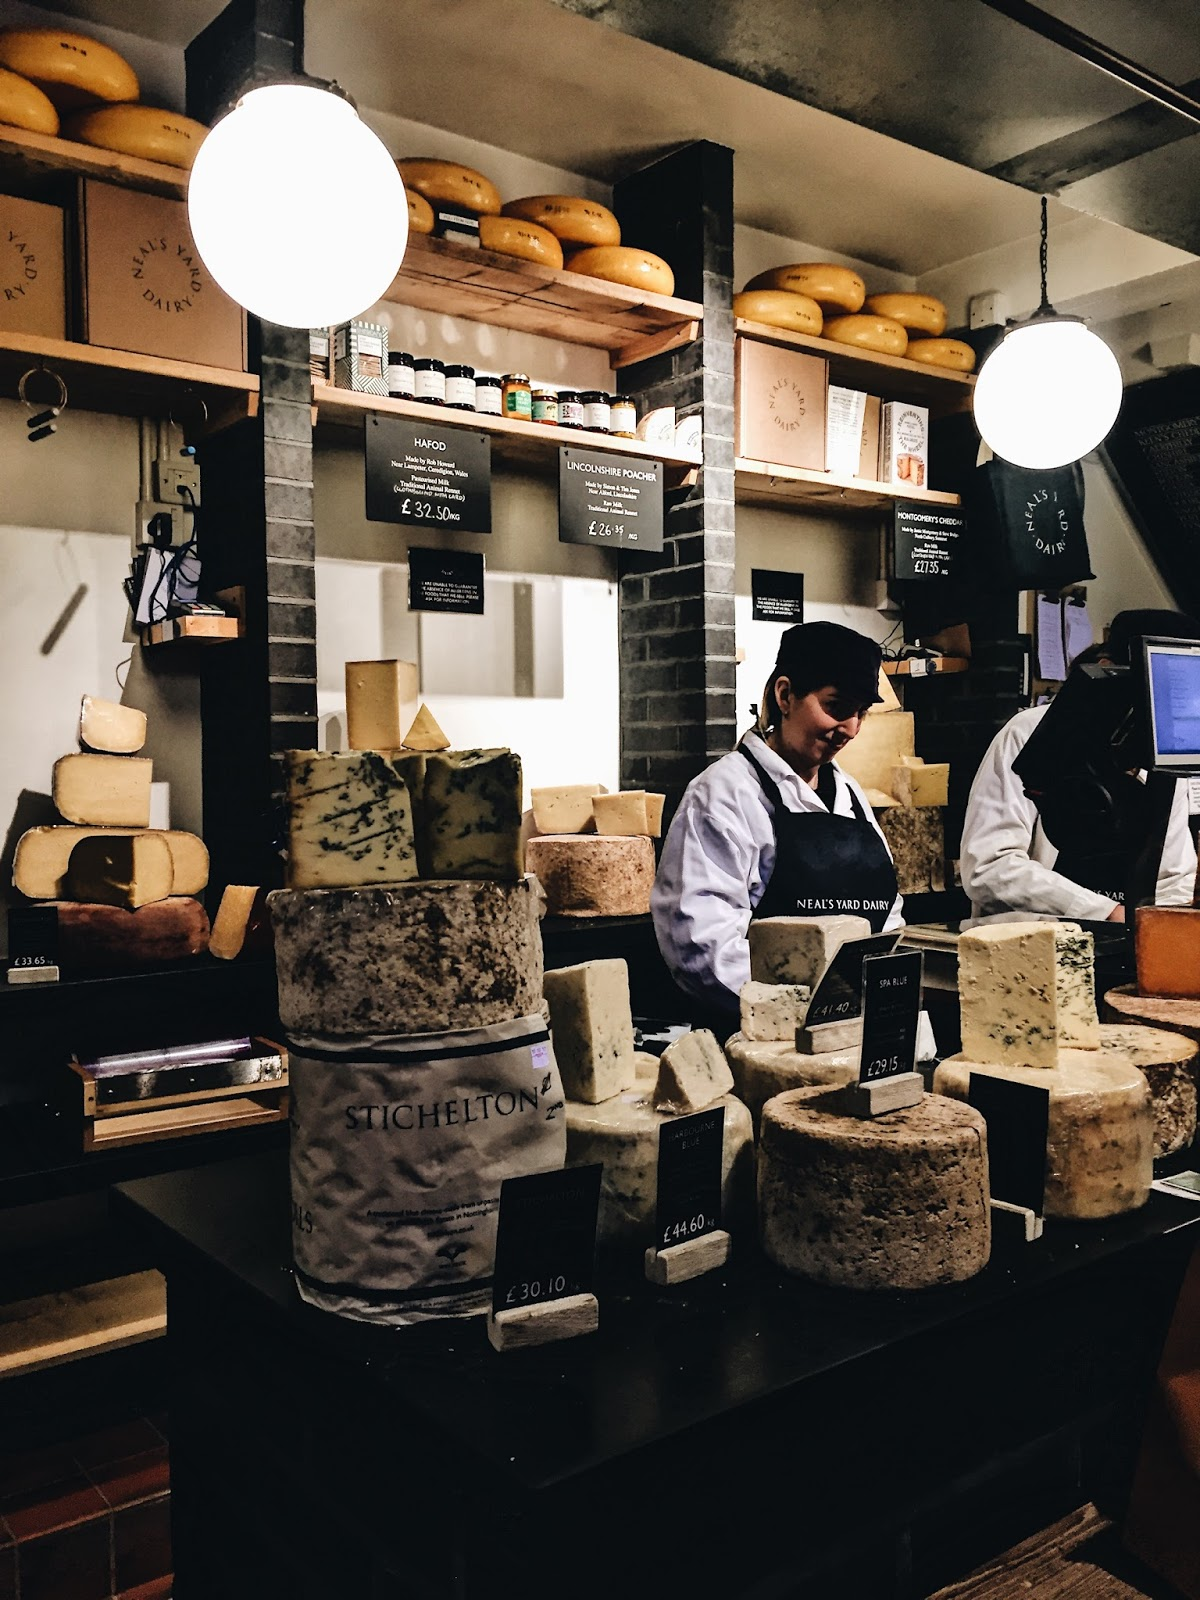 Pistachio Londyn Kulinarnie Gdzie Zjesc Wypic Kawe Zrobic Zakupy